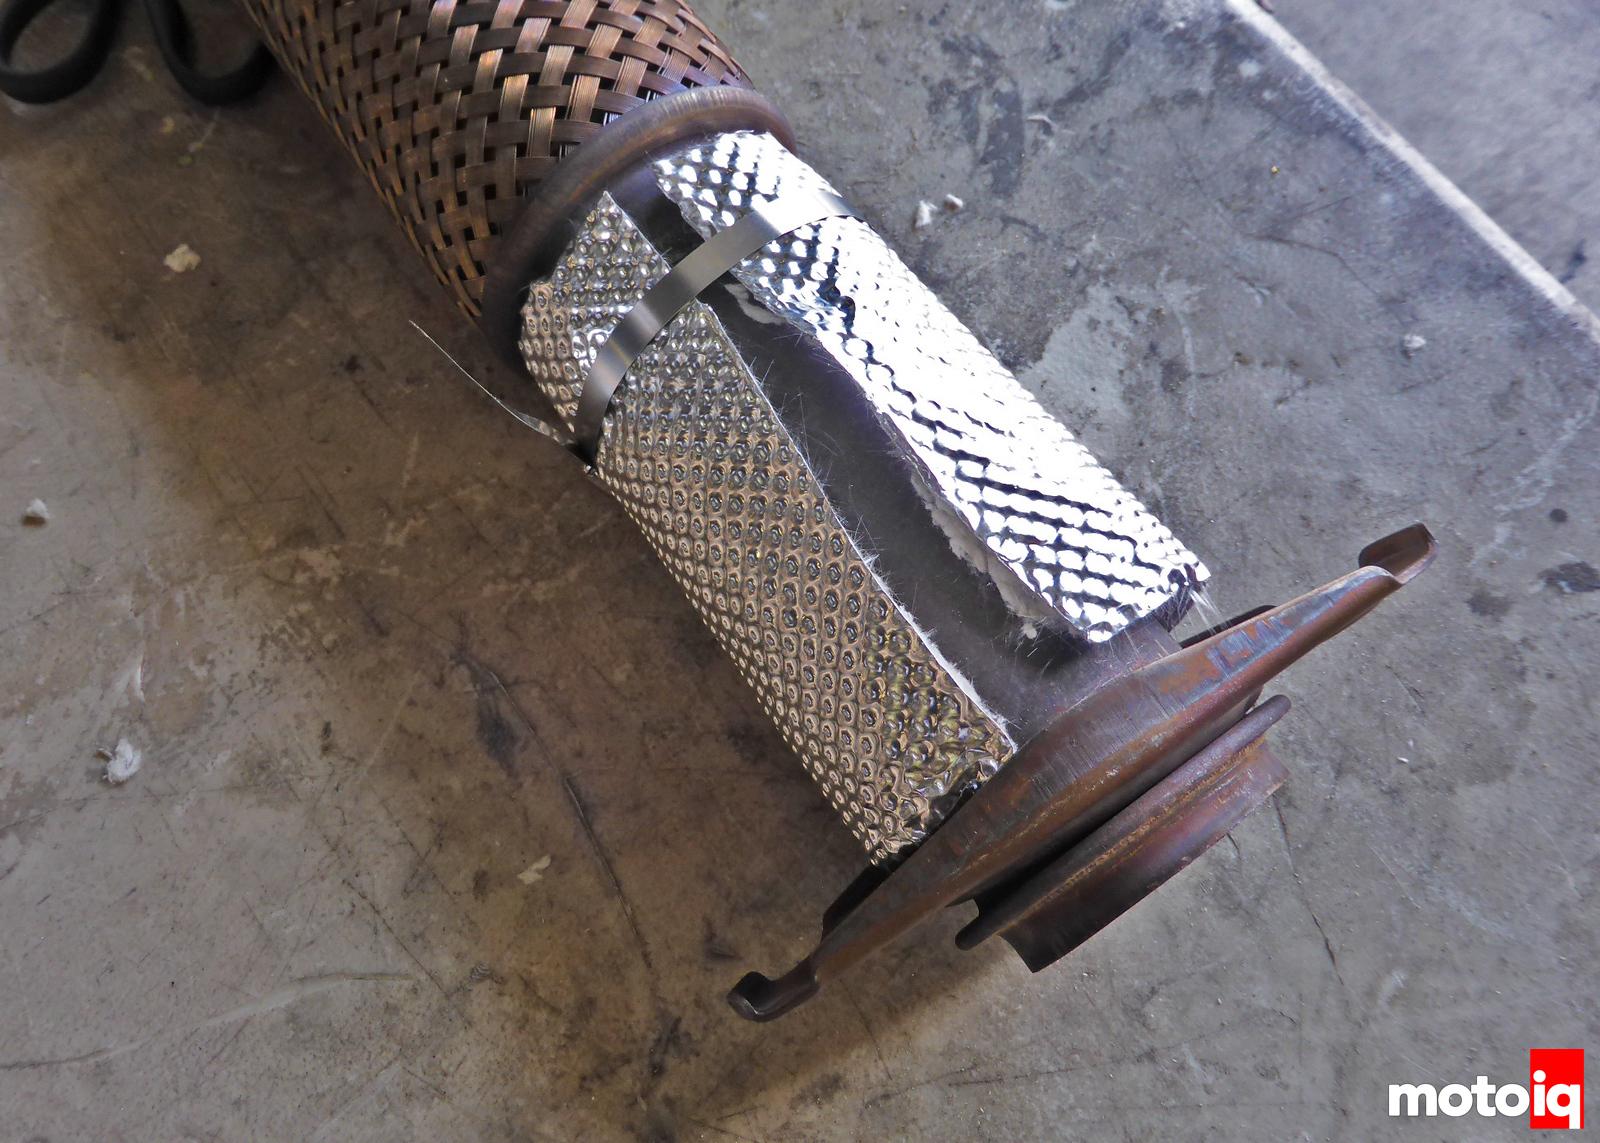 Heatshield Products Heatshield armor cable tie